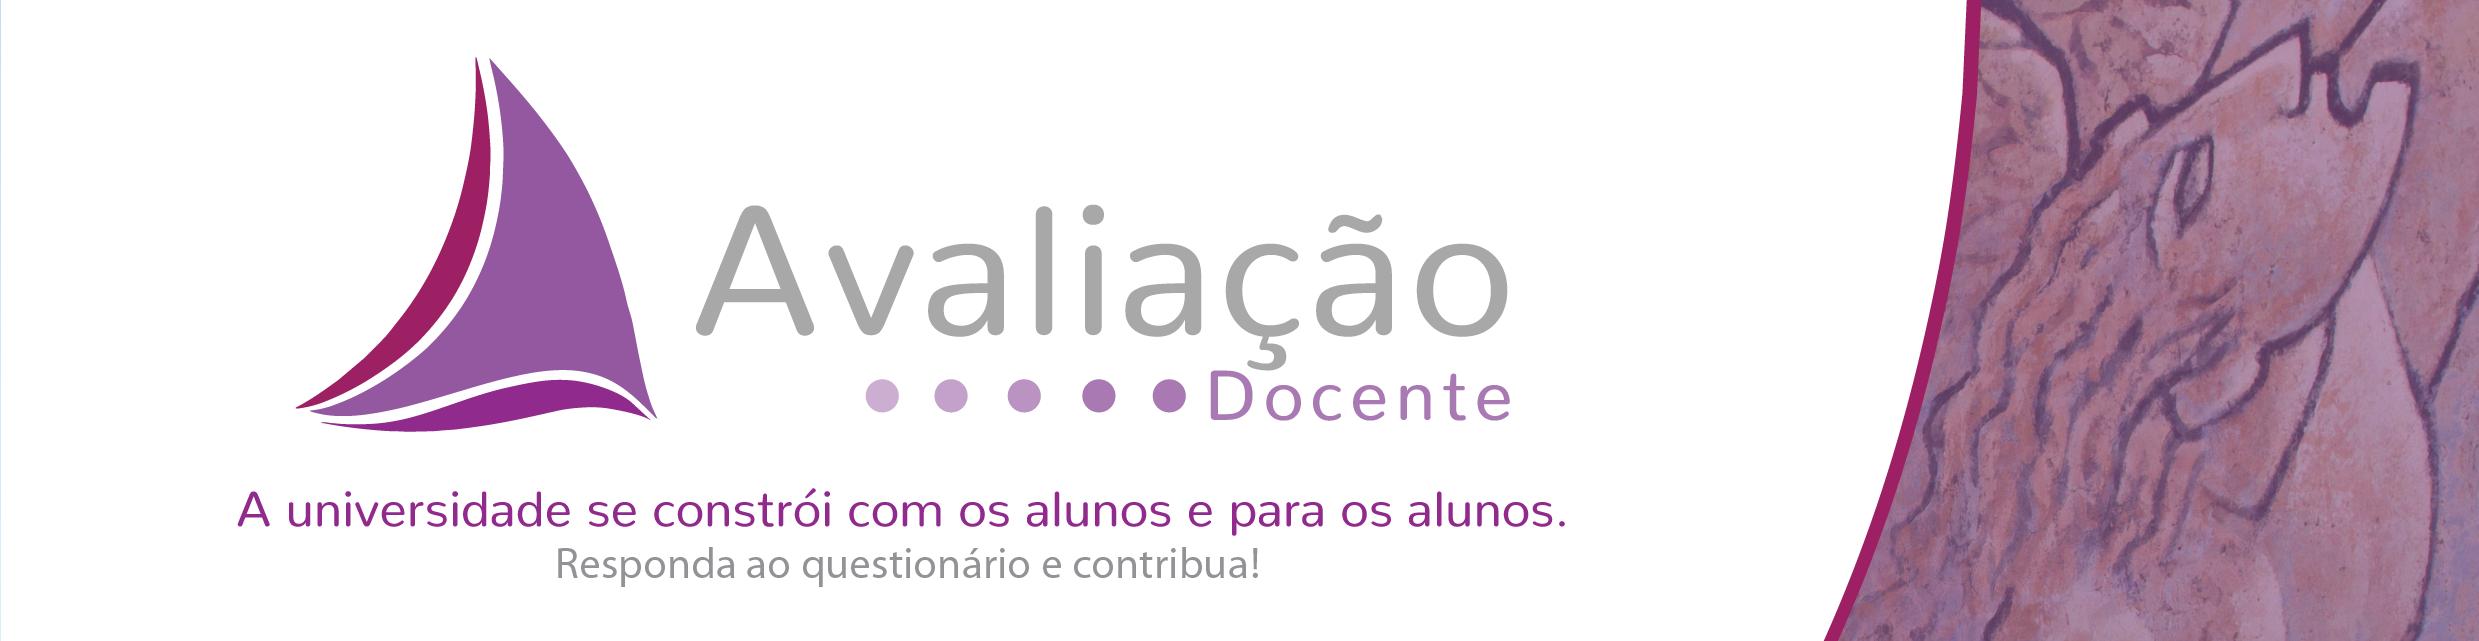 banner web avaliacao